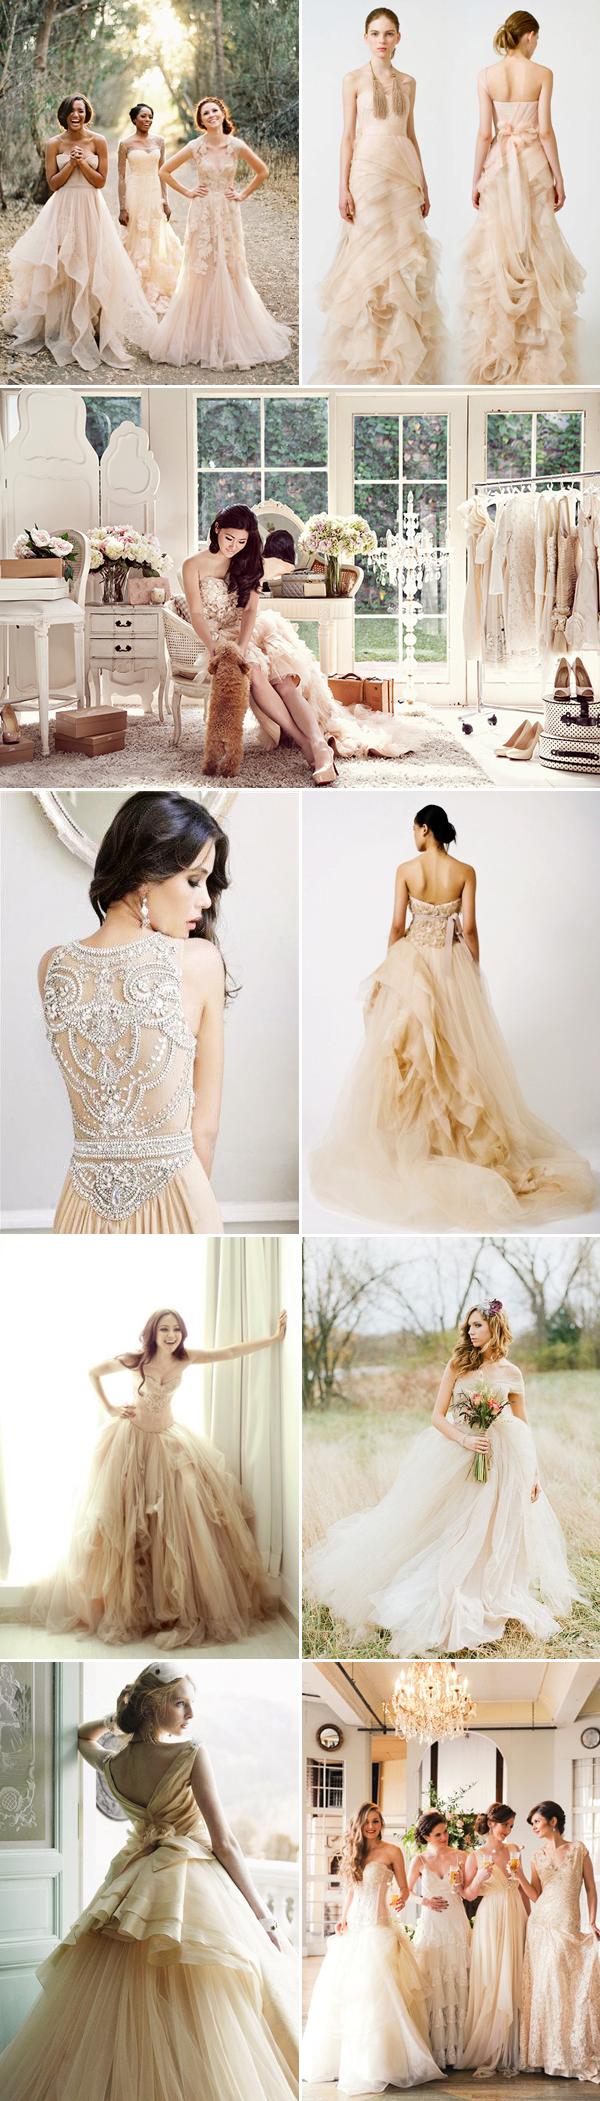 2 kiểu váy cưới màu sắc tinh tế, sang trọng